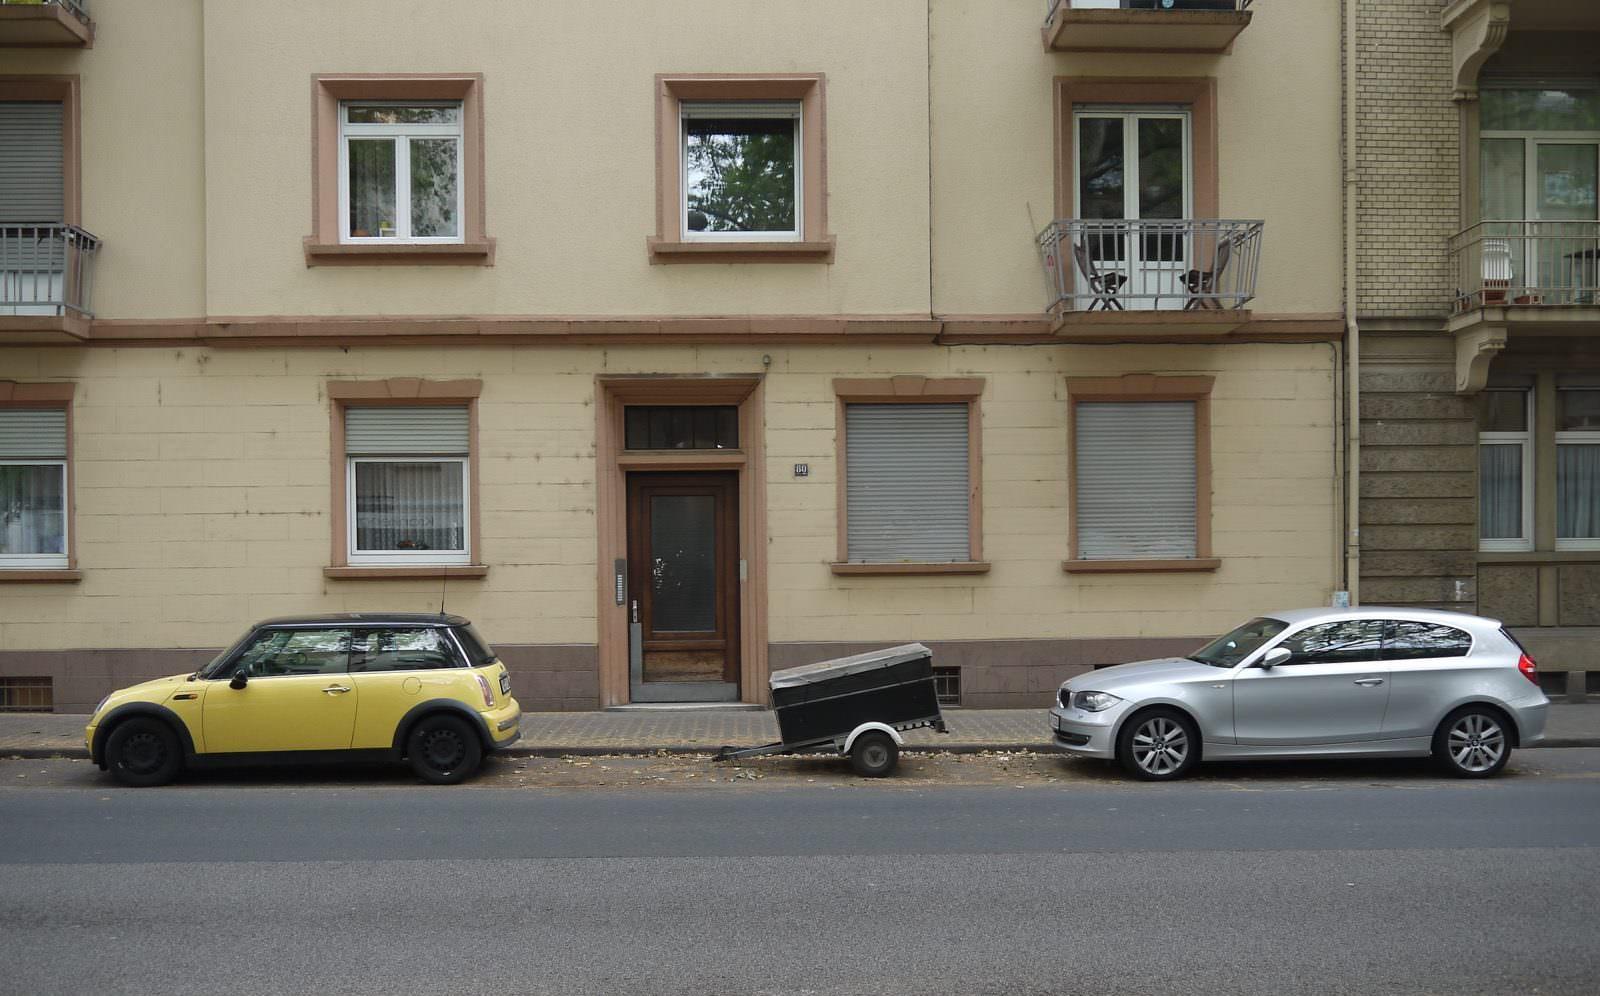 Während die Anwohner arbeiten sind, hält sich der Parkdruck in Grenzen | Foto: M. Schülke